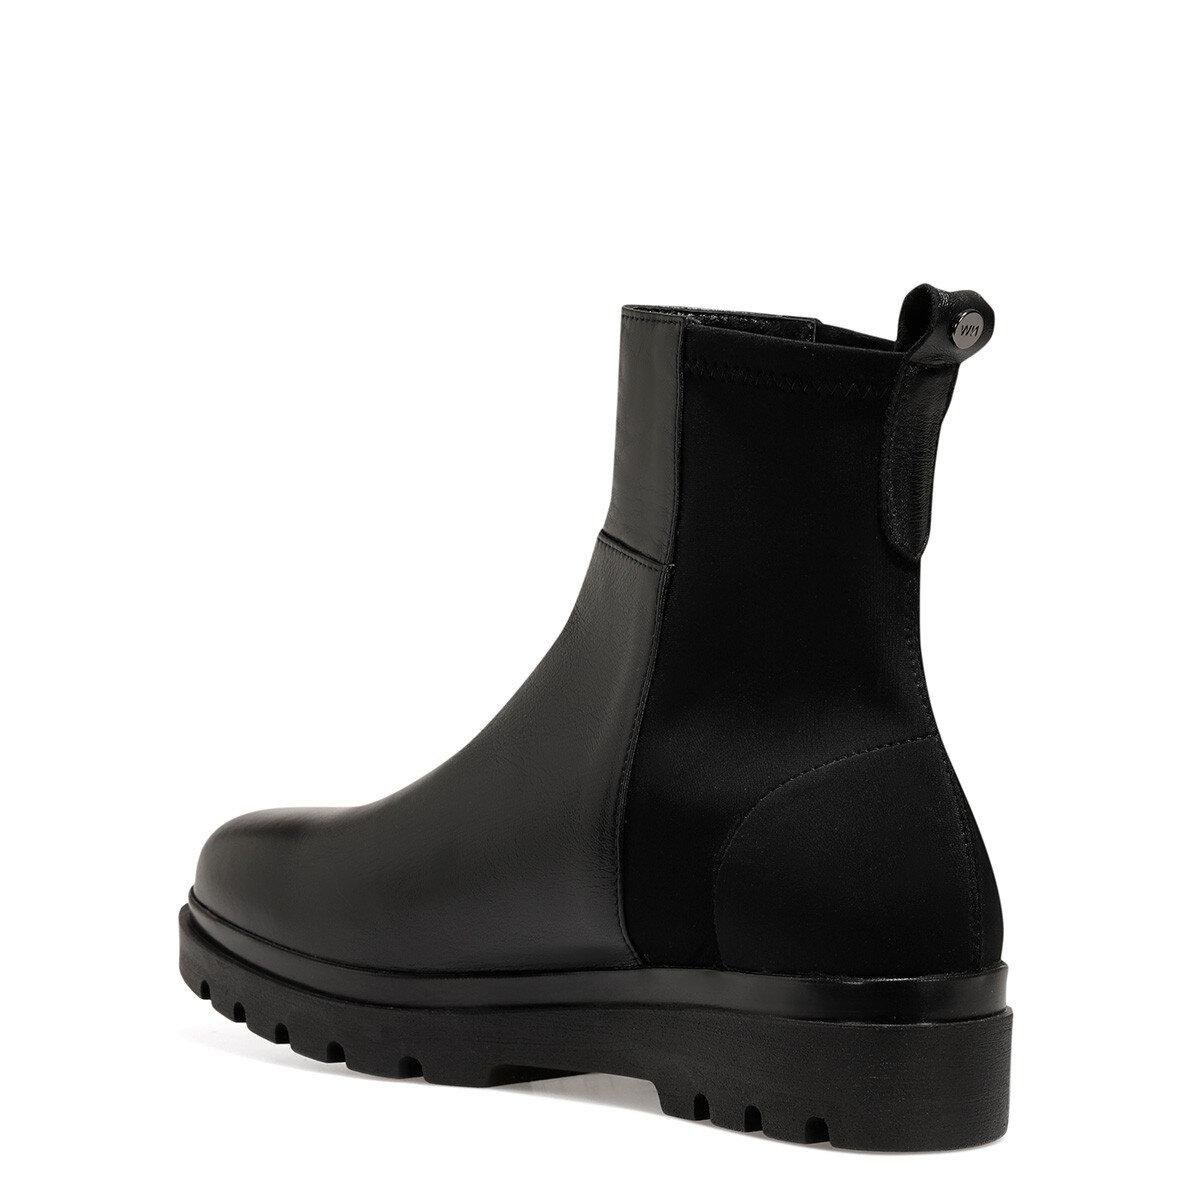 MOSTE Siyah Kadın Dolgu Topuk Ayakkabı